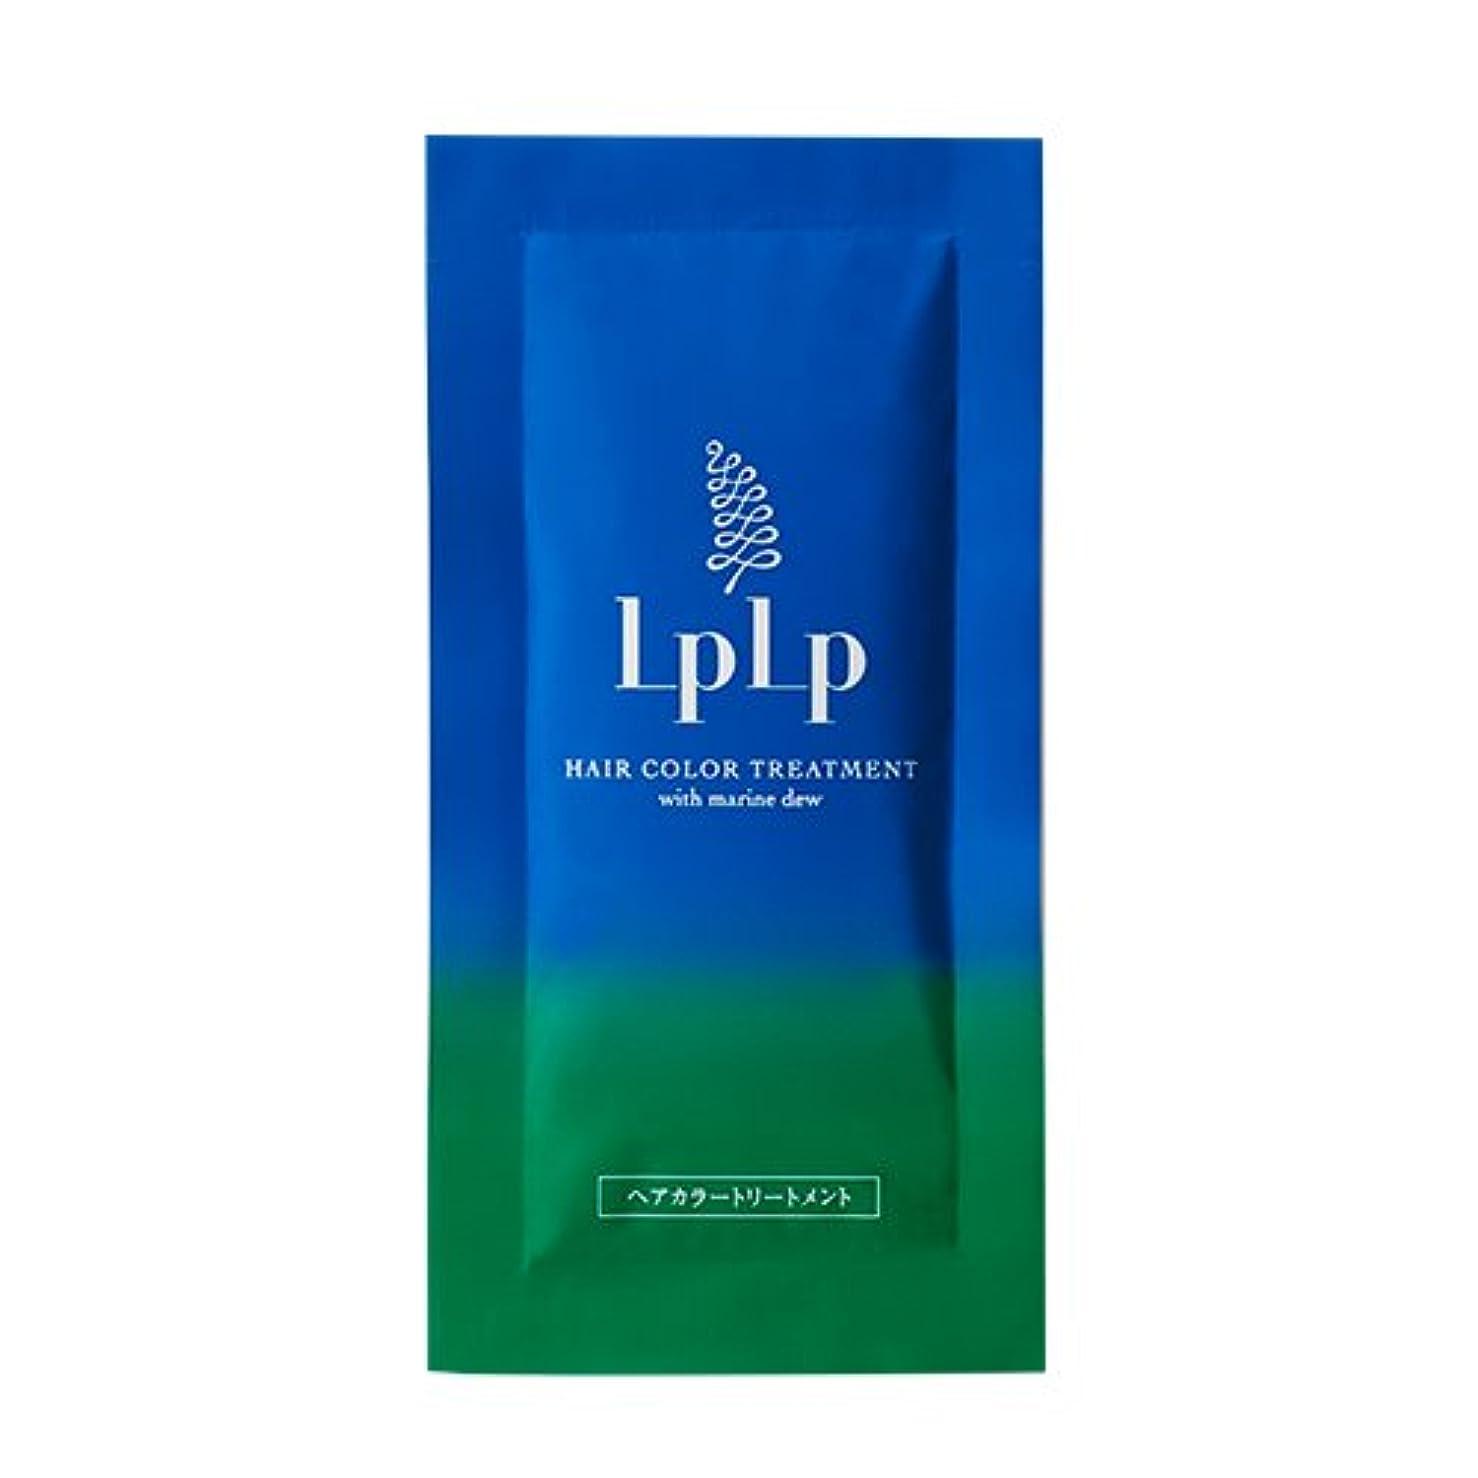 アルプス商品関税LPLP(ルプルプ)ヘアカラートリートメントお試しパウチ ブラウン